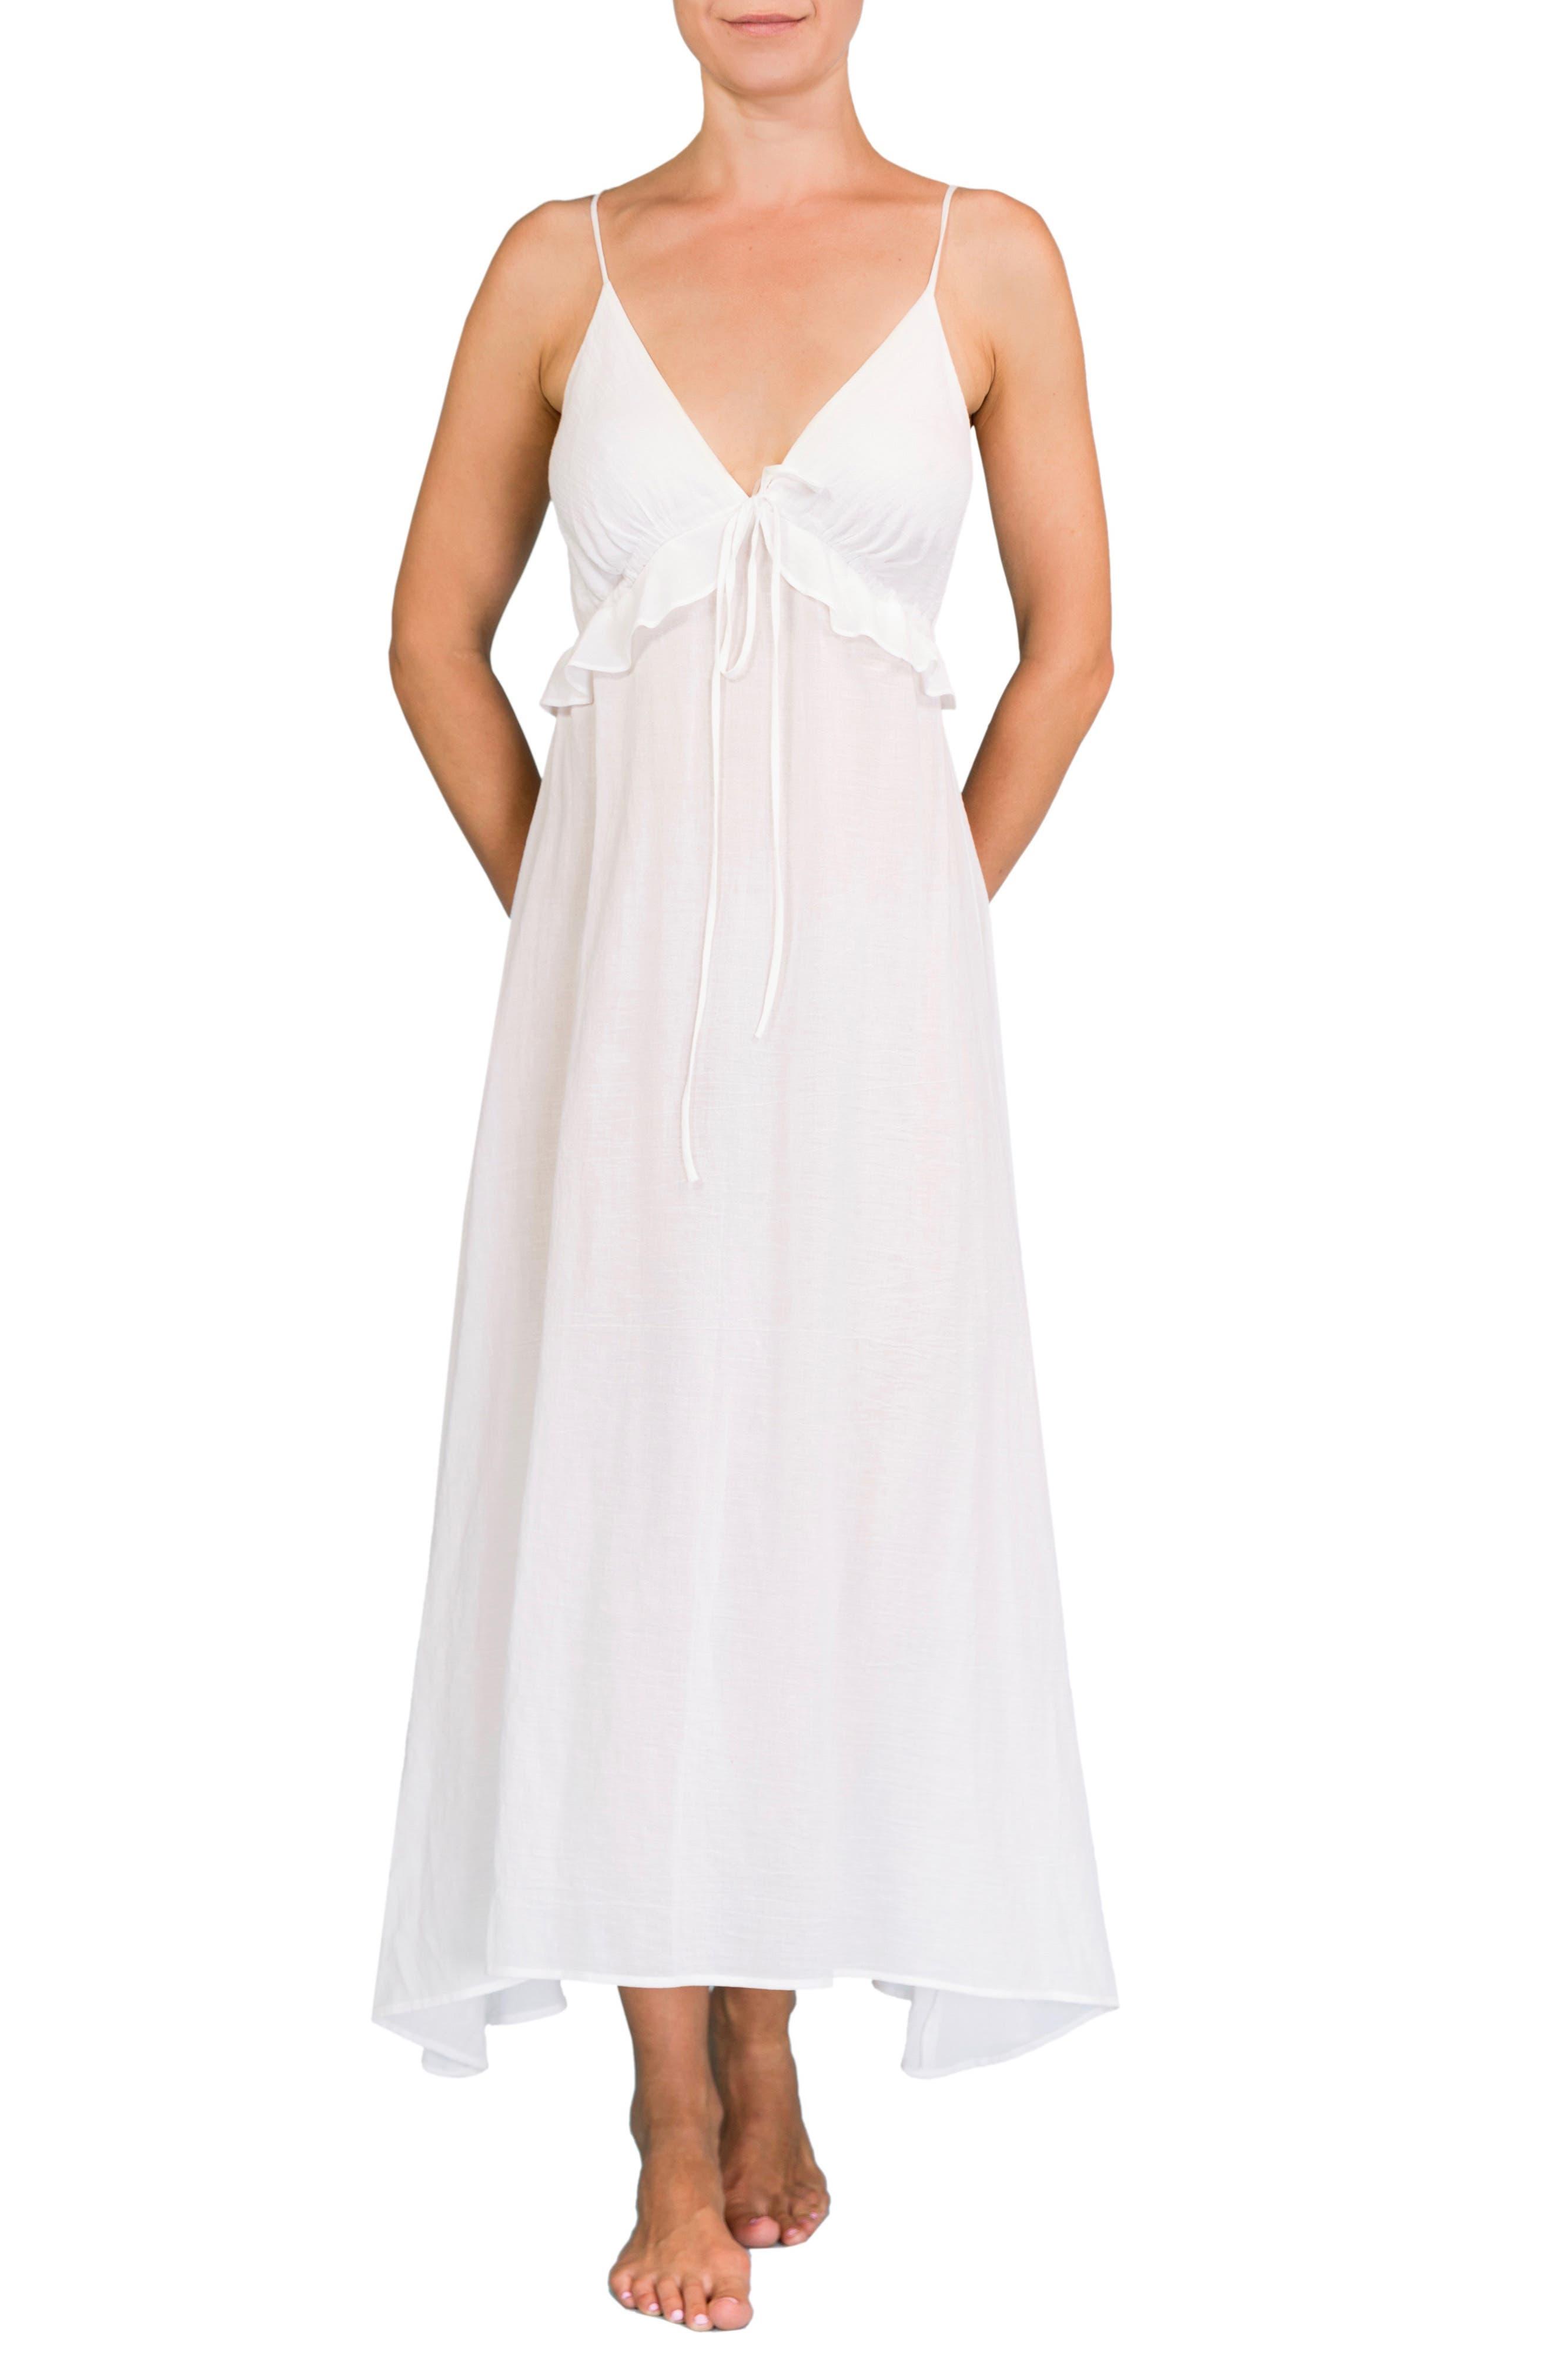 Ruffle Empire Waist Nightgown